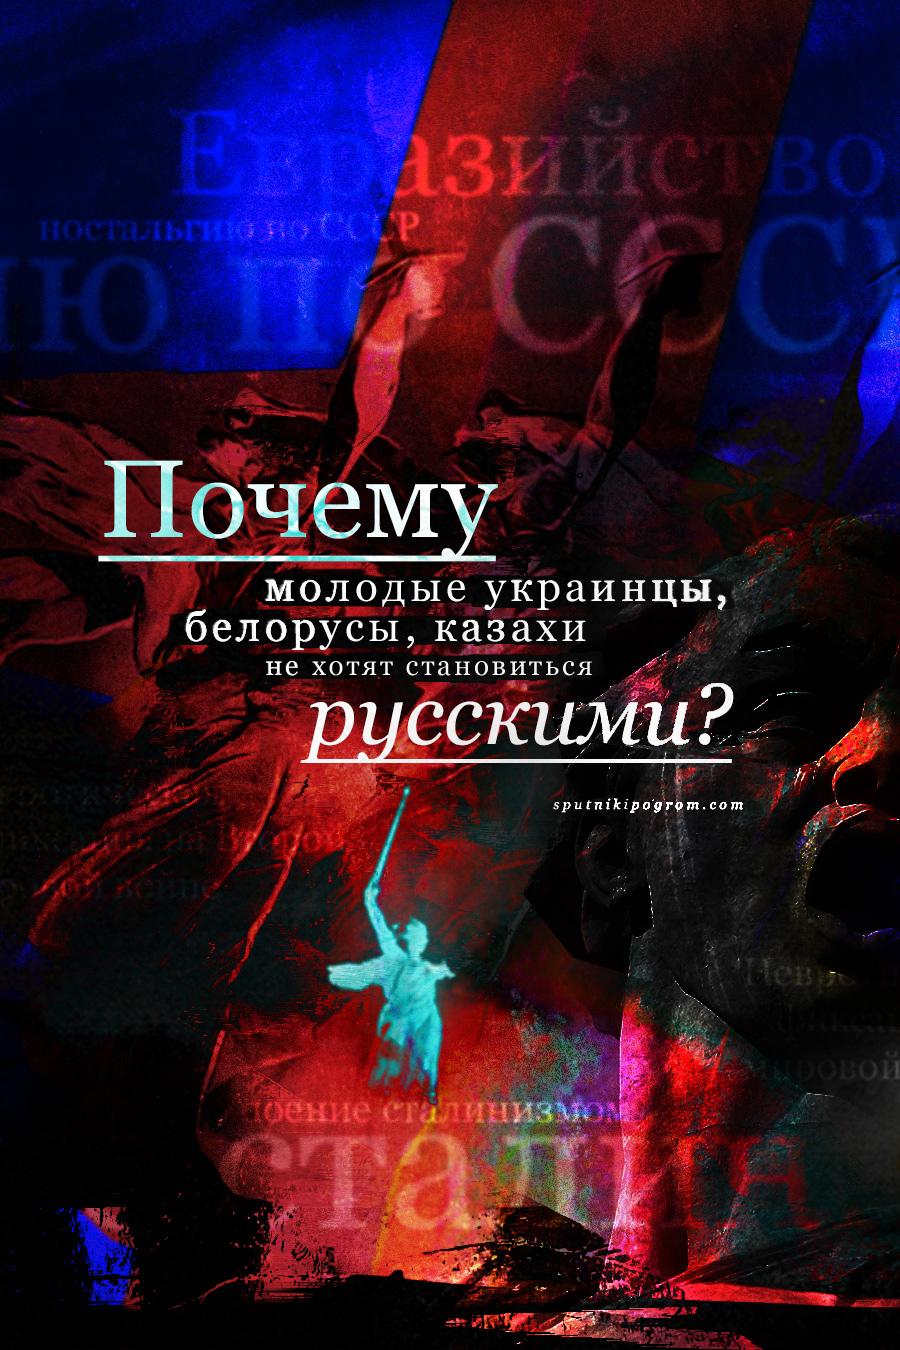 Почему молодые украинцы, белорусы, казахи не хотят становиться русскими?